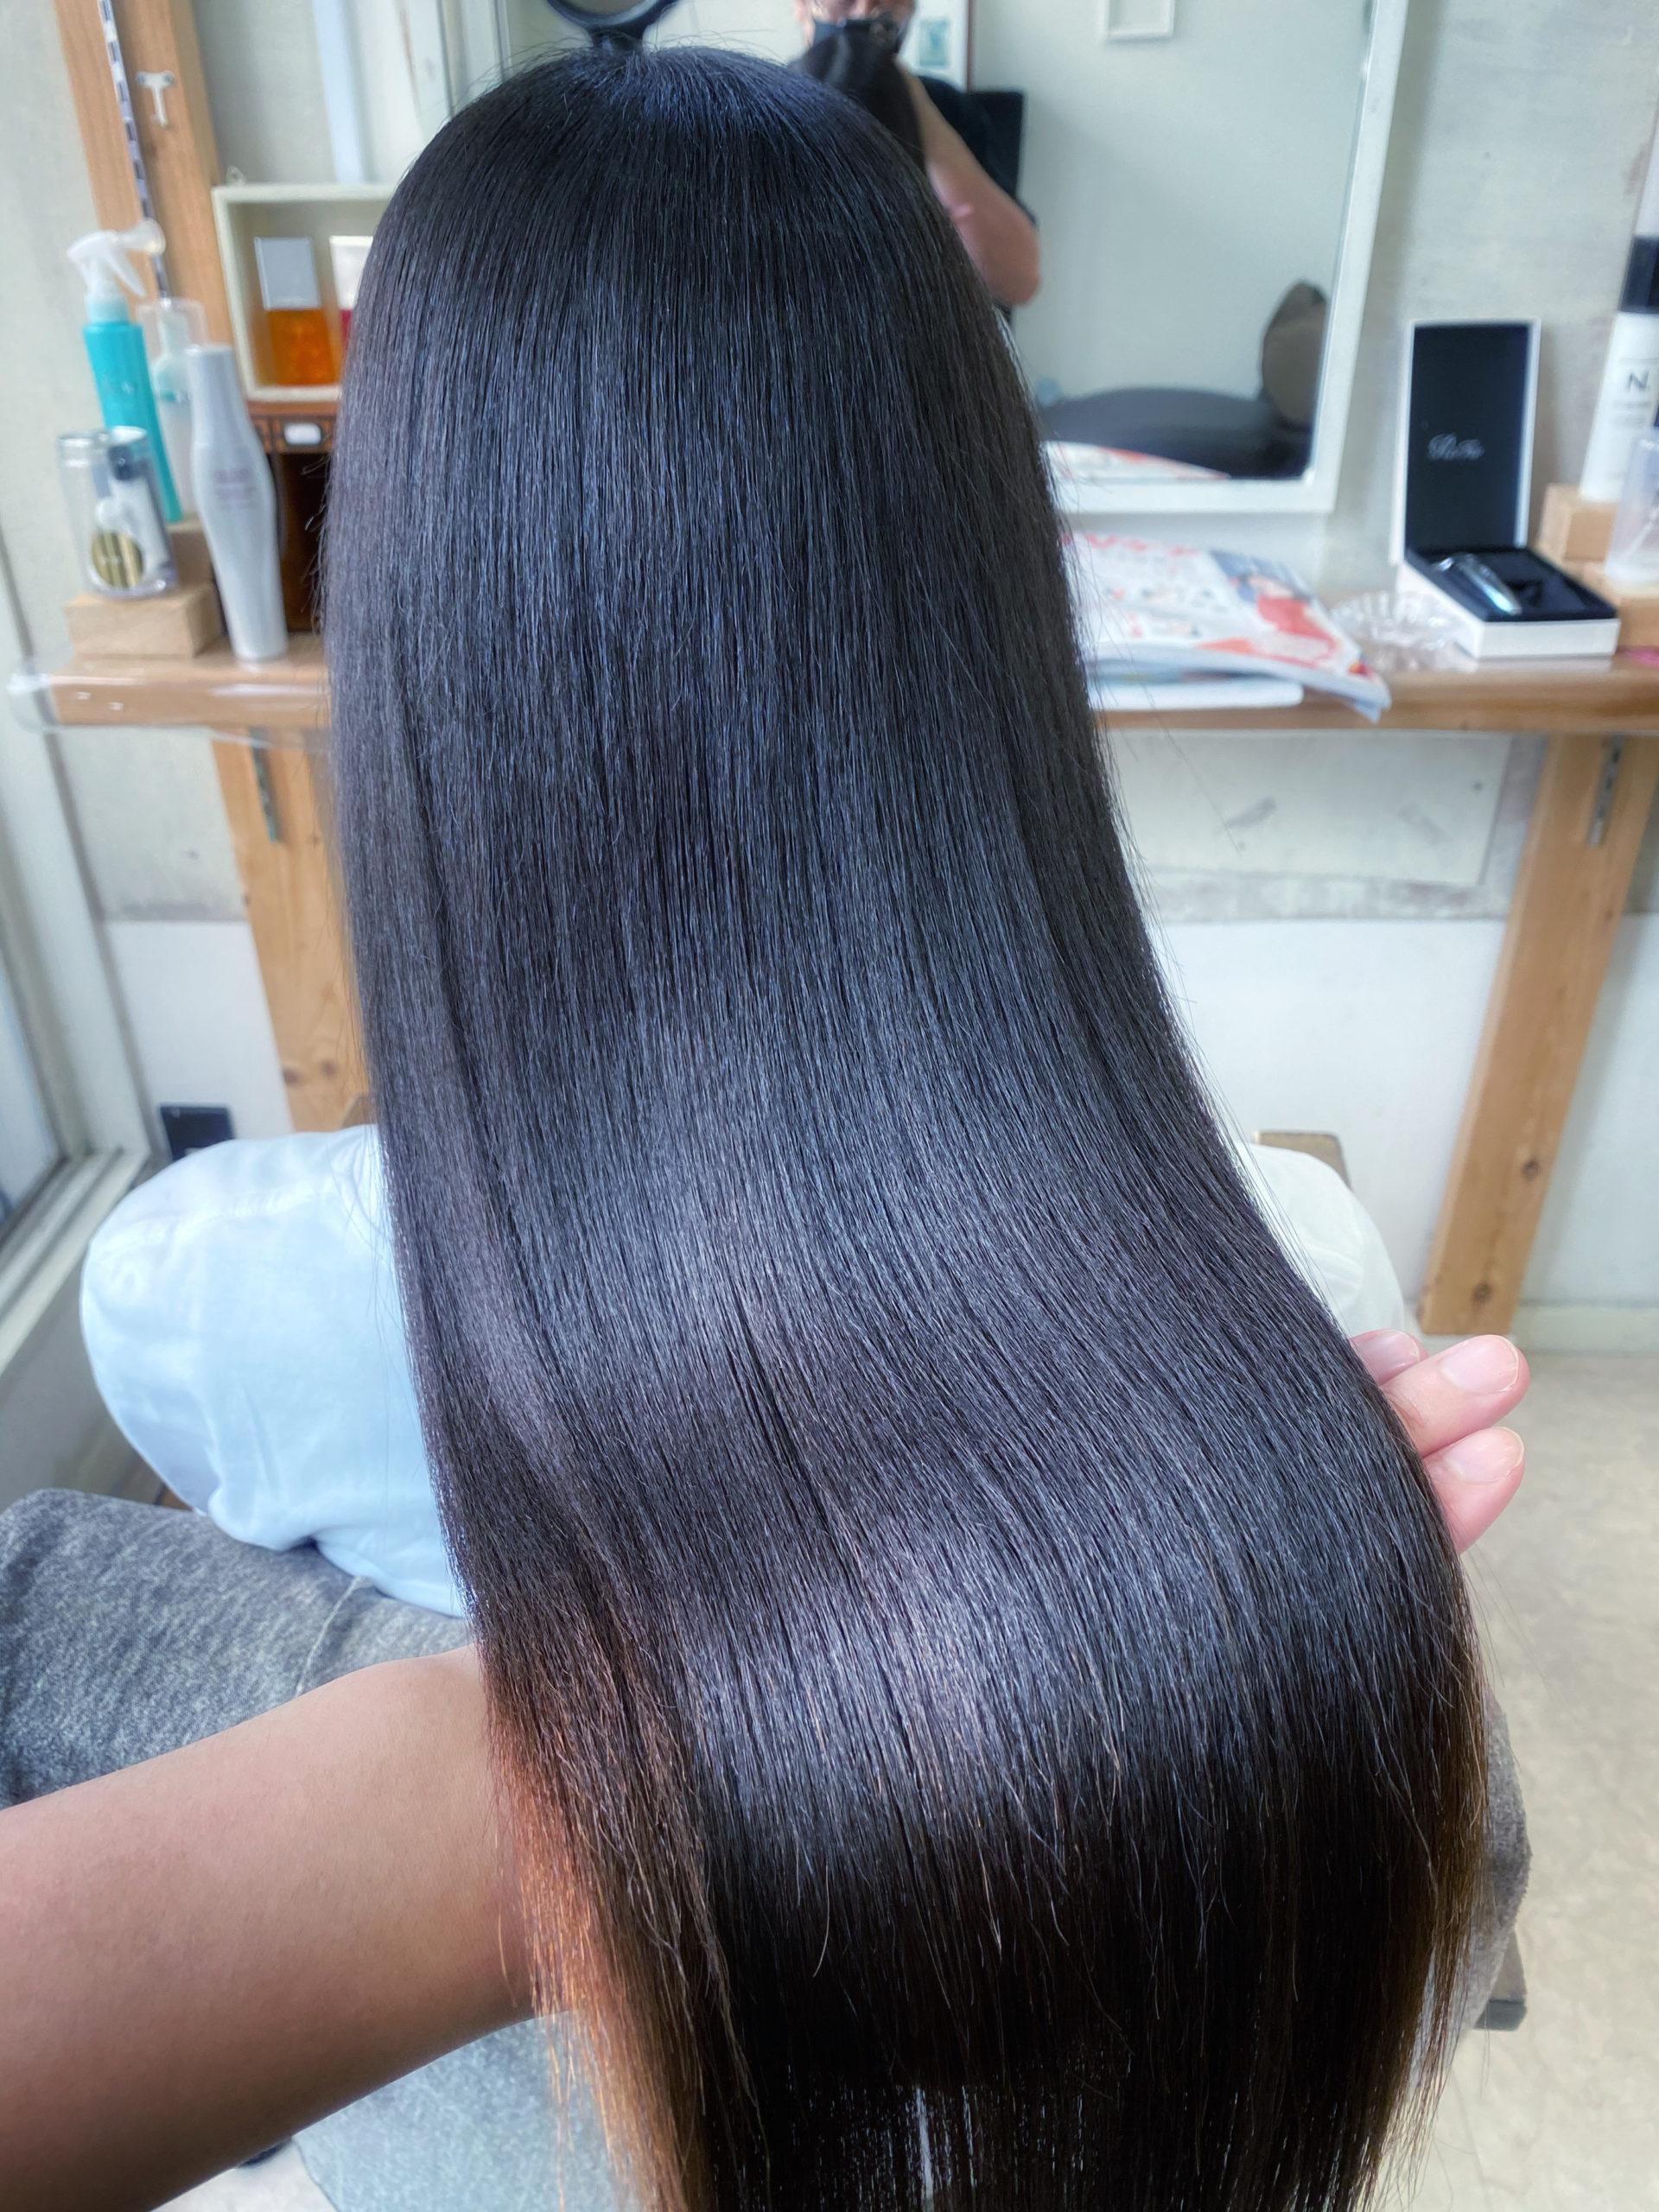 広がりが気になる方を【ジュエリーシステムシリーズ×縮毛矯正】でまとまる美髪に変身。原宿・表参道『髪のお悩みを解決するヘアケア美容師の挑戦』